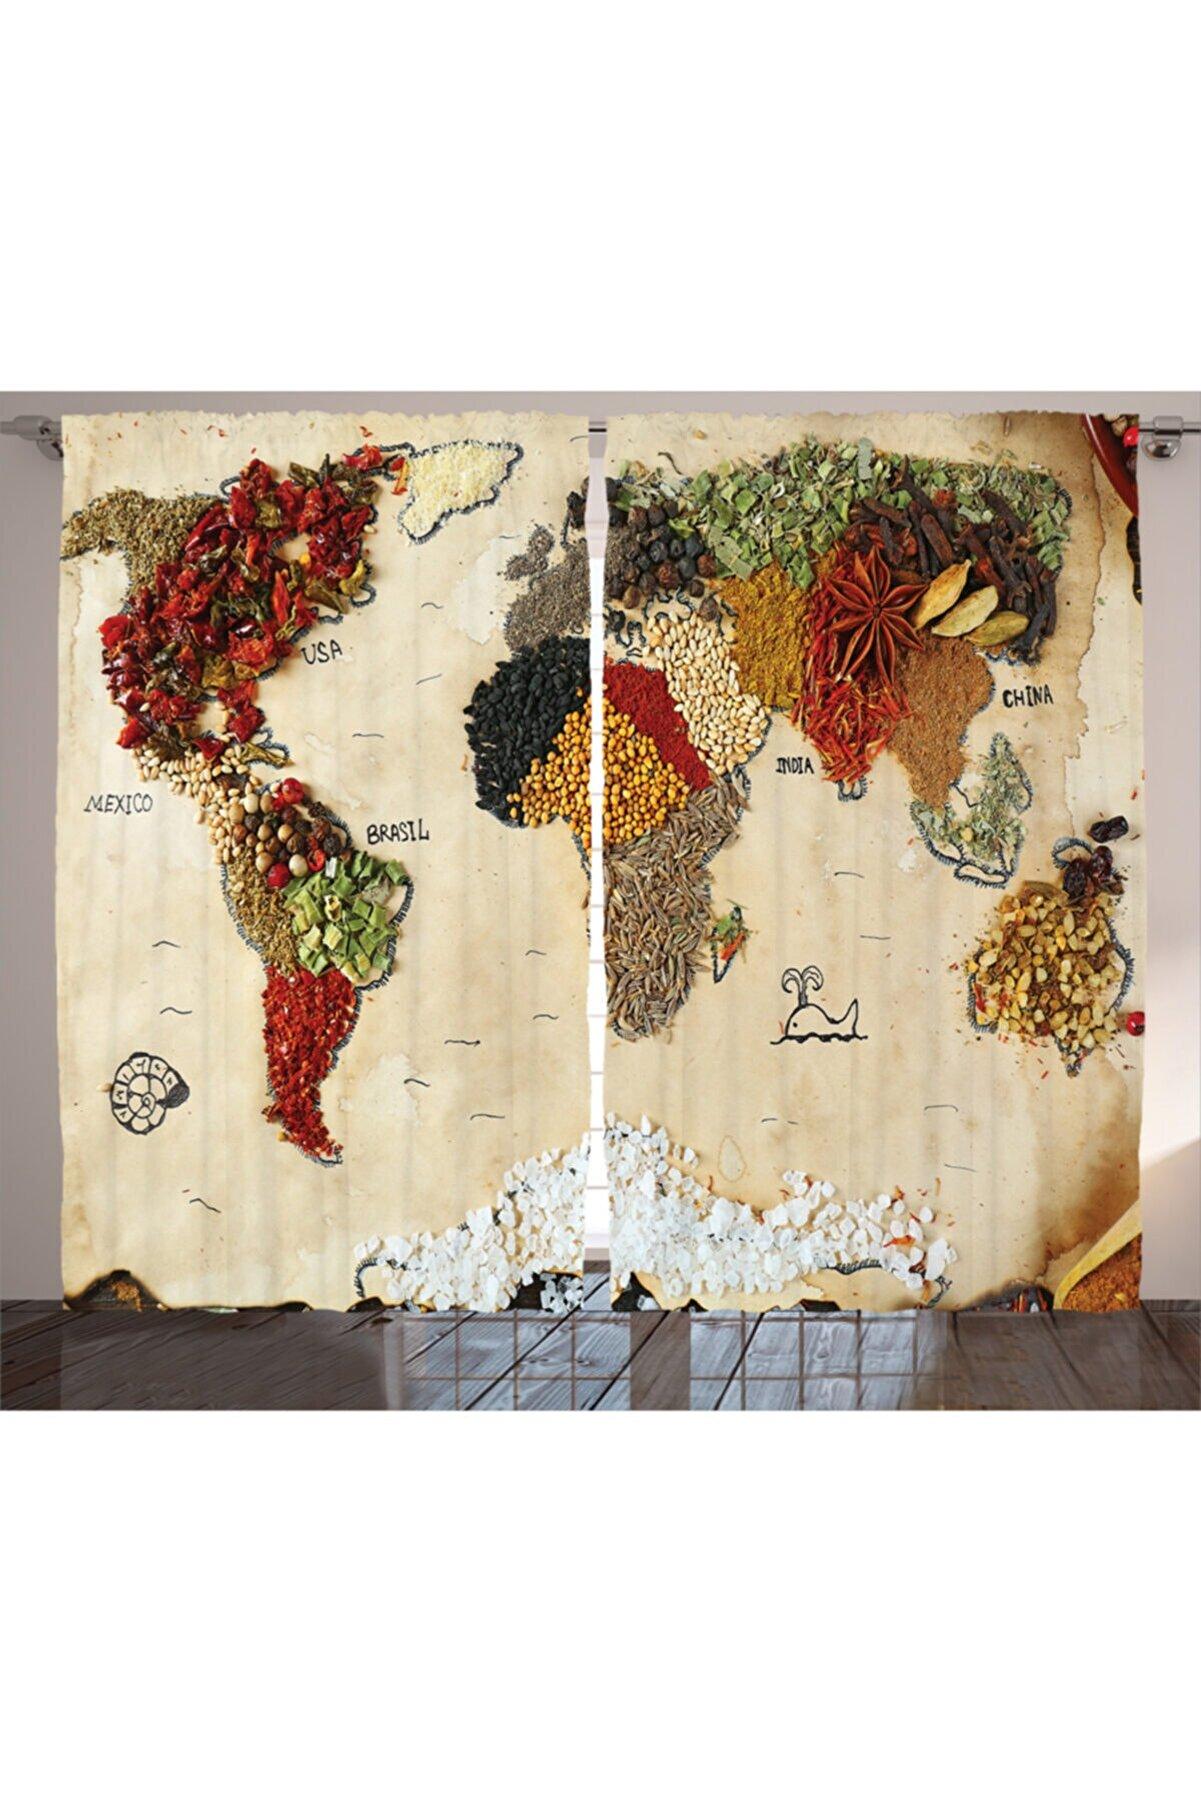 Orange Venue Haritalar Perde Baharat Çeşitleri Dünya Haritası Desenli